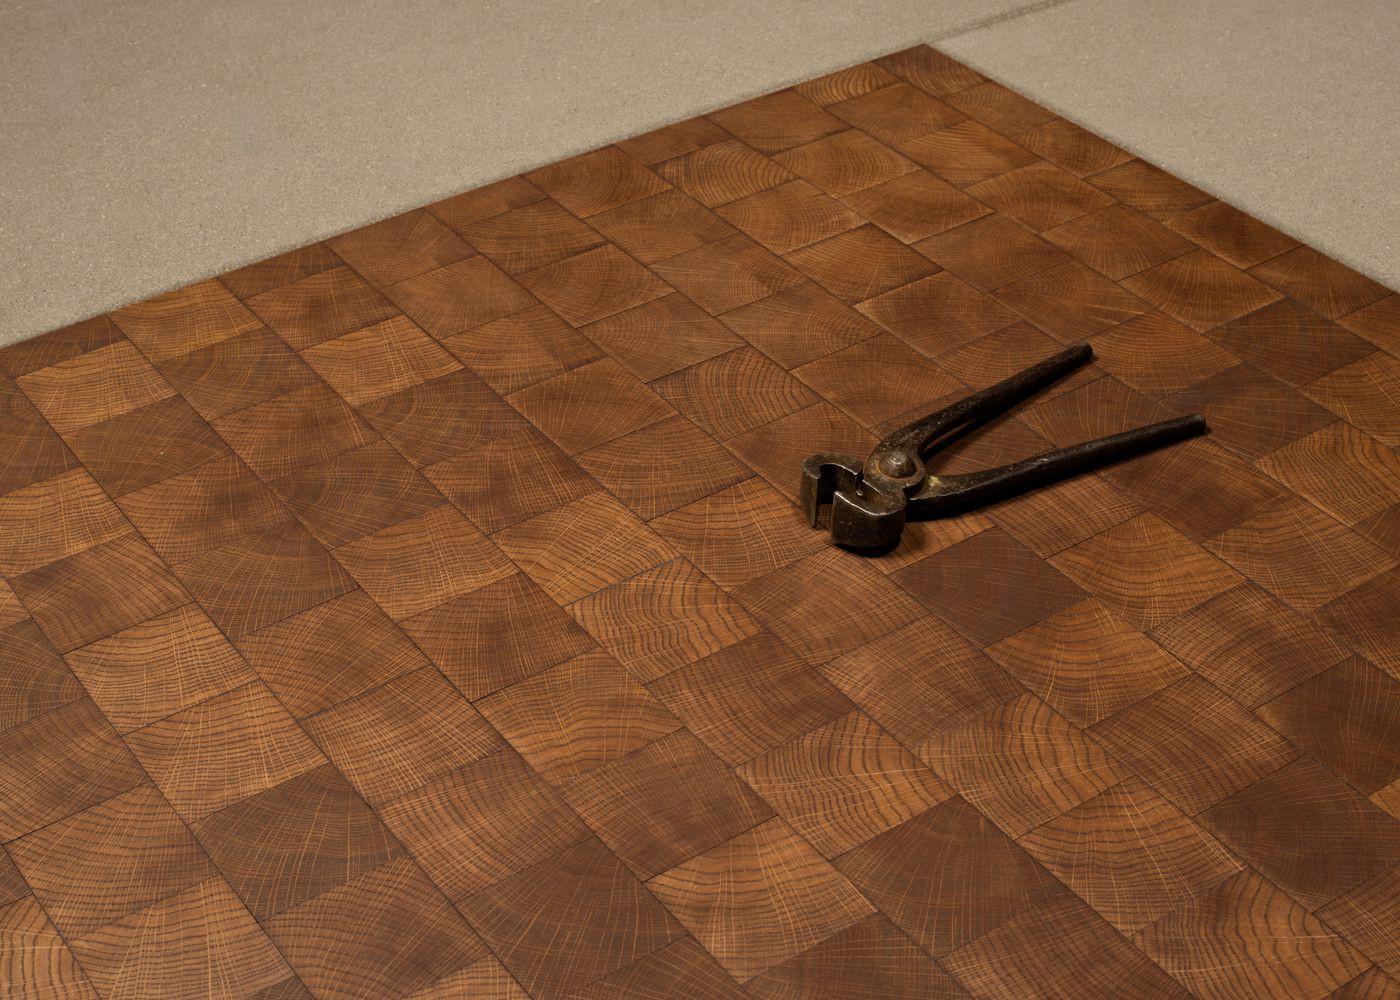 parquet massif pav ch ne bois de bout huile cire chocolat la parqueterie nouvelle. Black Bedroom Furniture Sets. Home Design Ideas